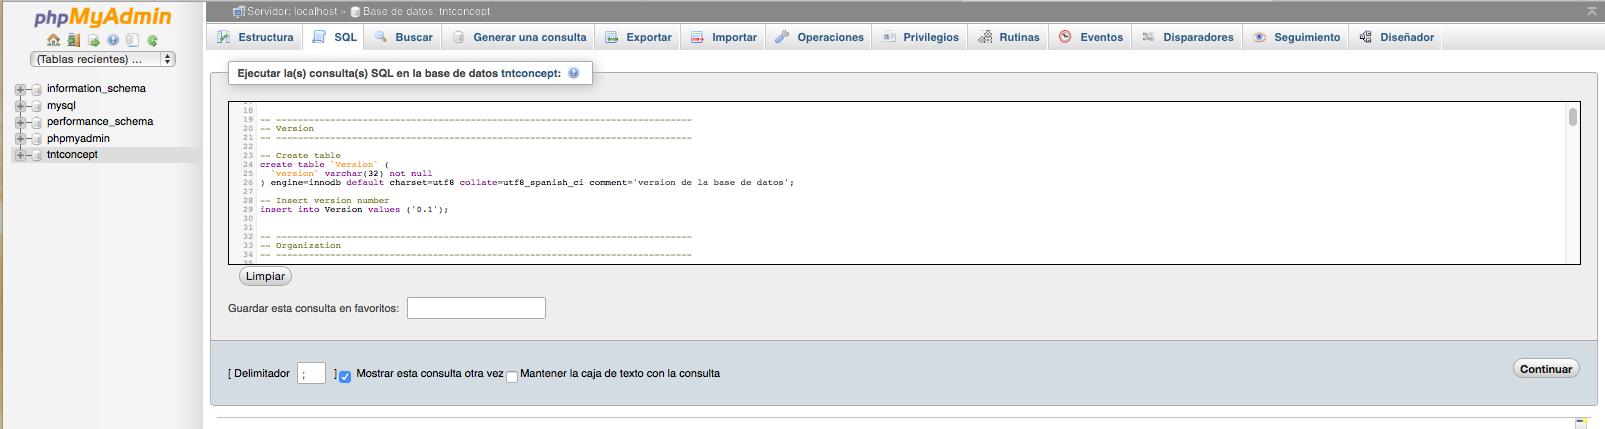 5_importar_script